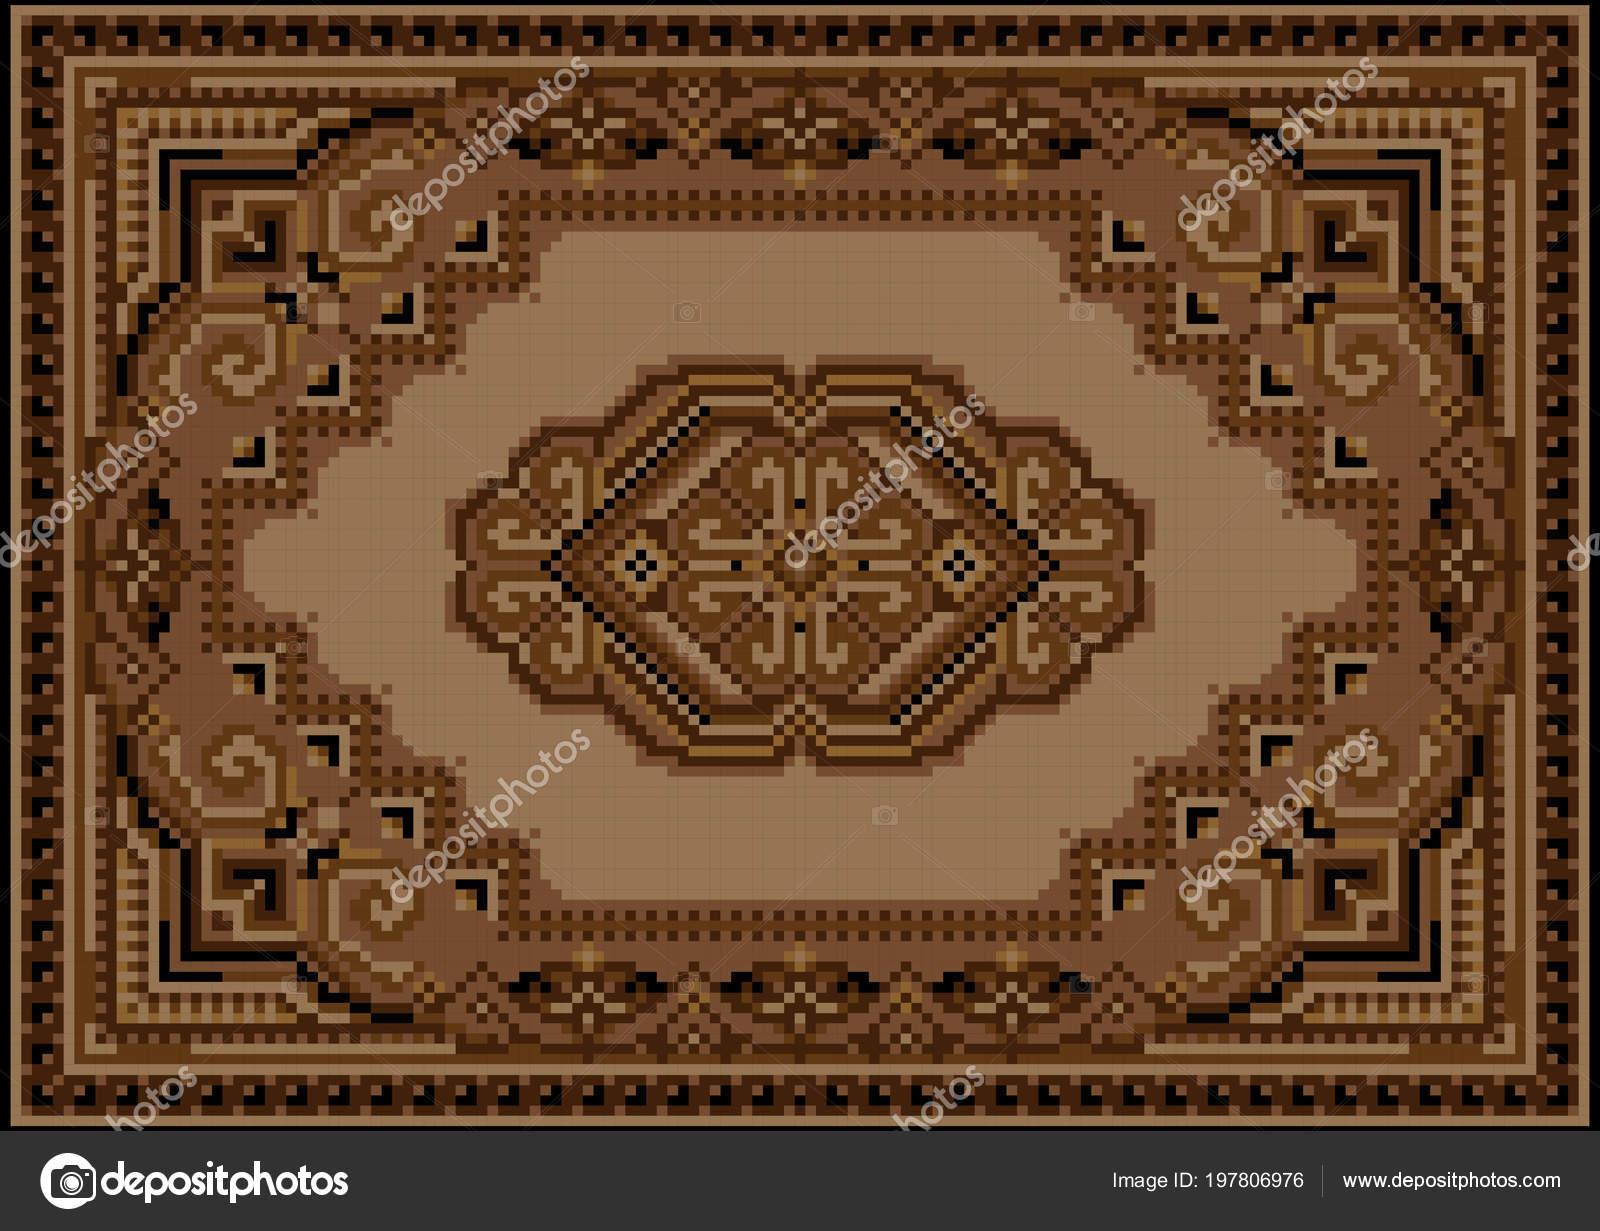 2b3d3c86060e Retro Luxusní Koberec Odstínech Hnědé Béžové Vzorem Žlutém Poli Béžové–  stock ilustrace